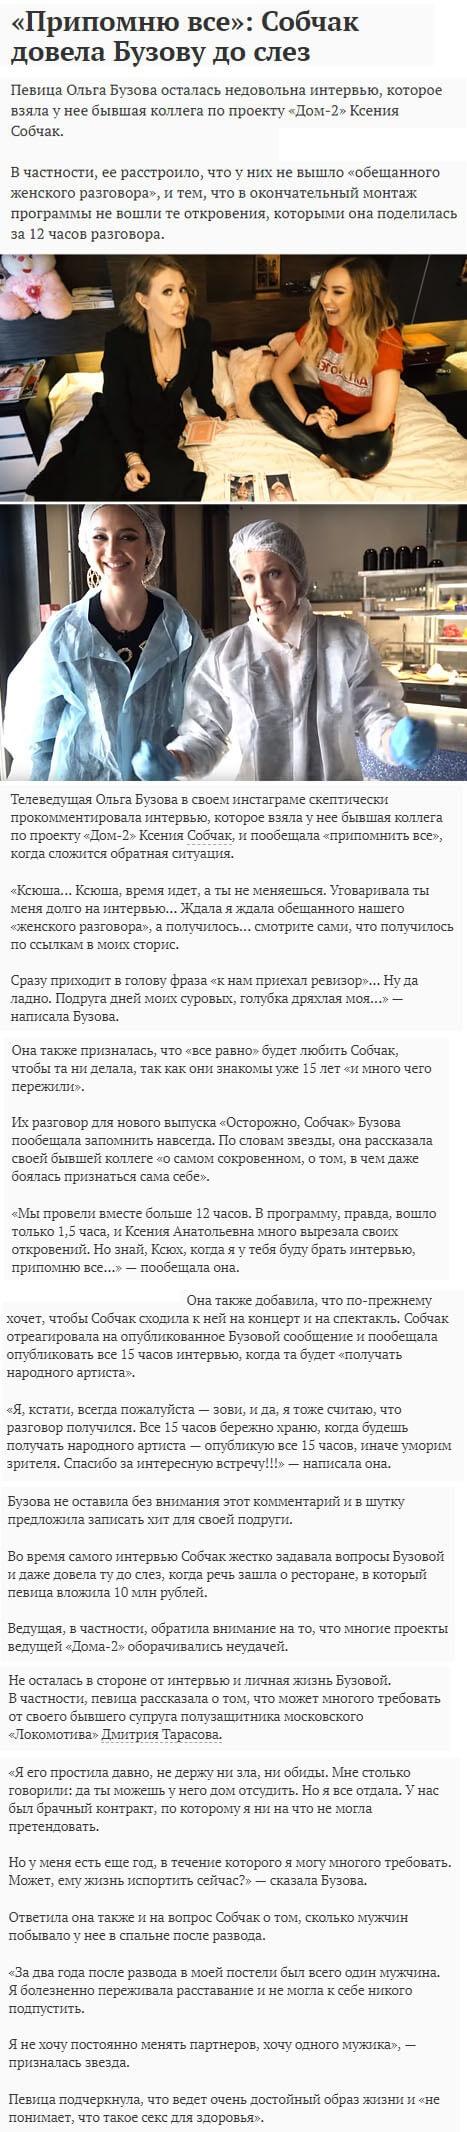 Ольга Бузова призналась что затаила обиду на Ксению Собчак